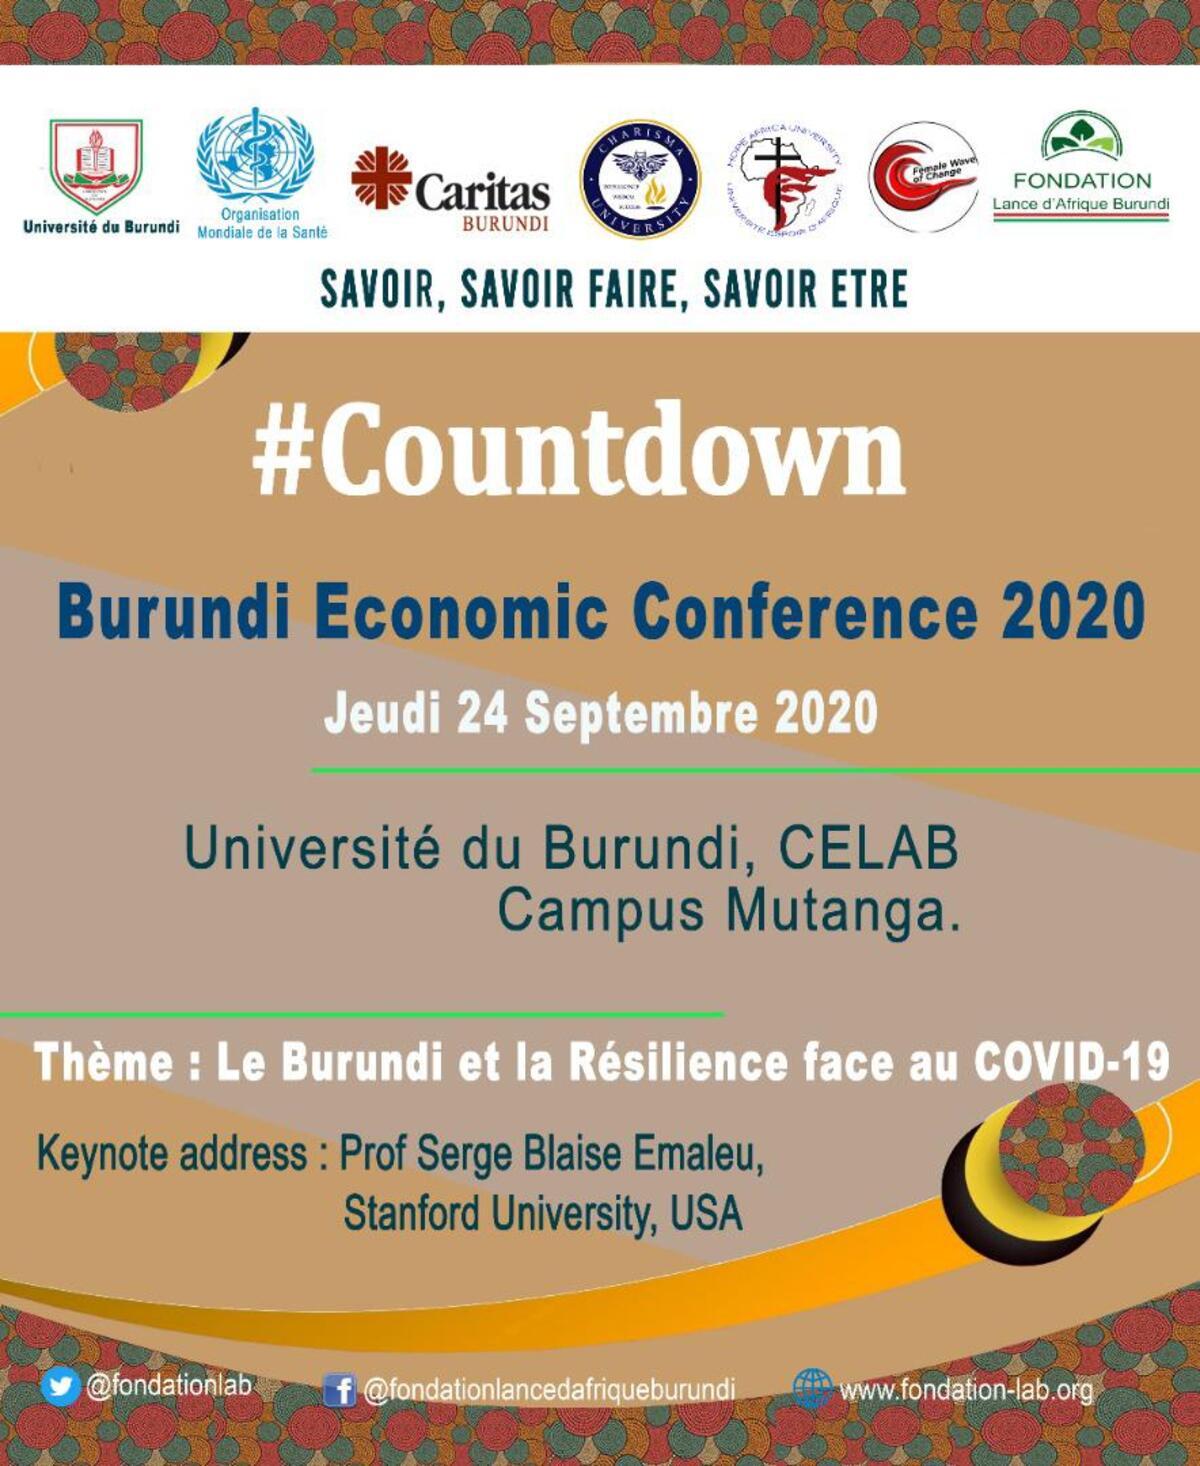 Résilience face au covid-19 : des experts se donnent rendez-vous au Burundi